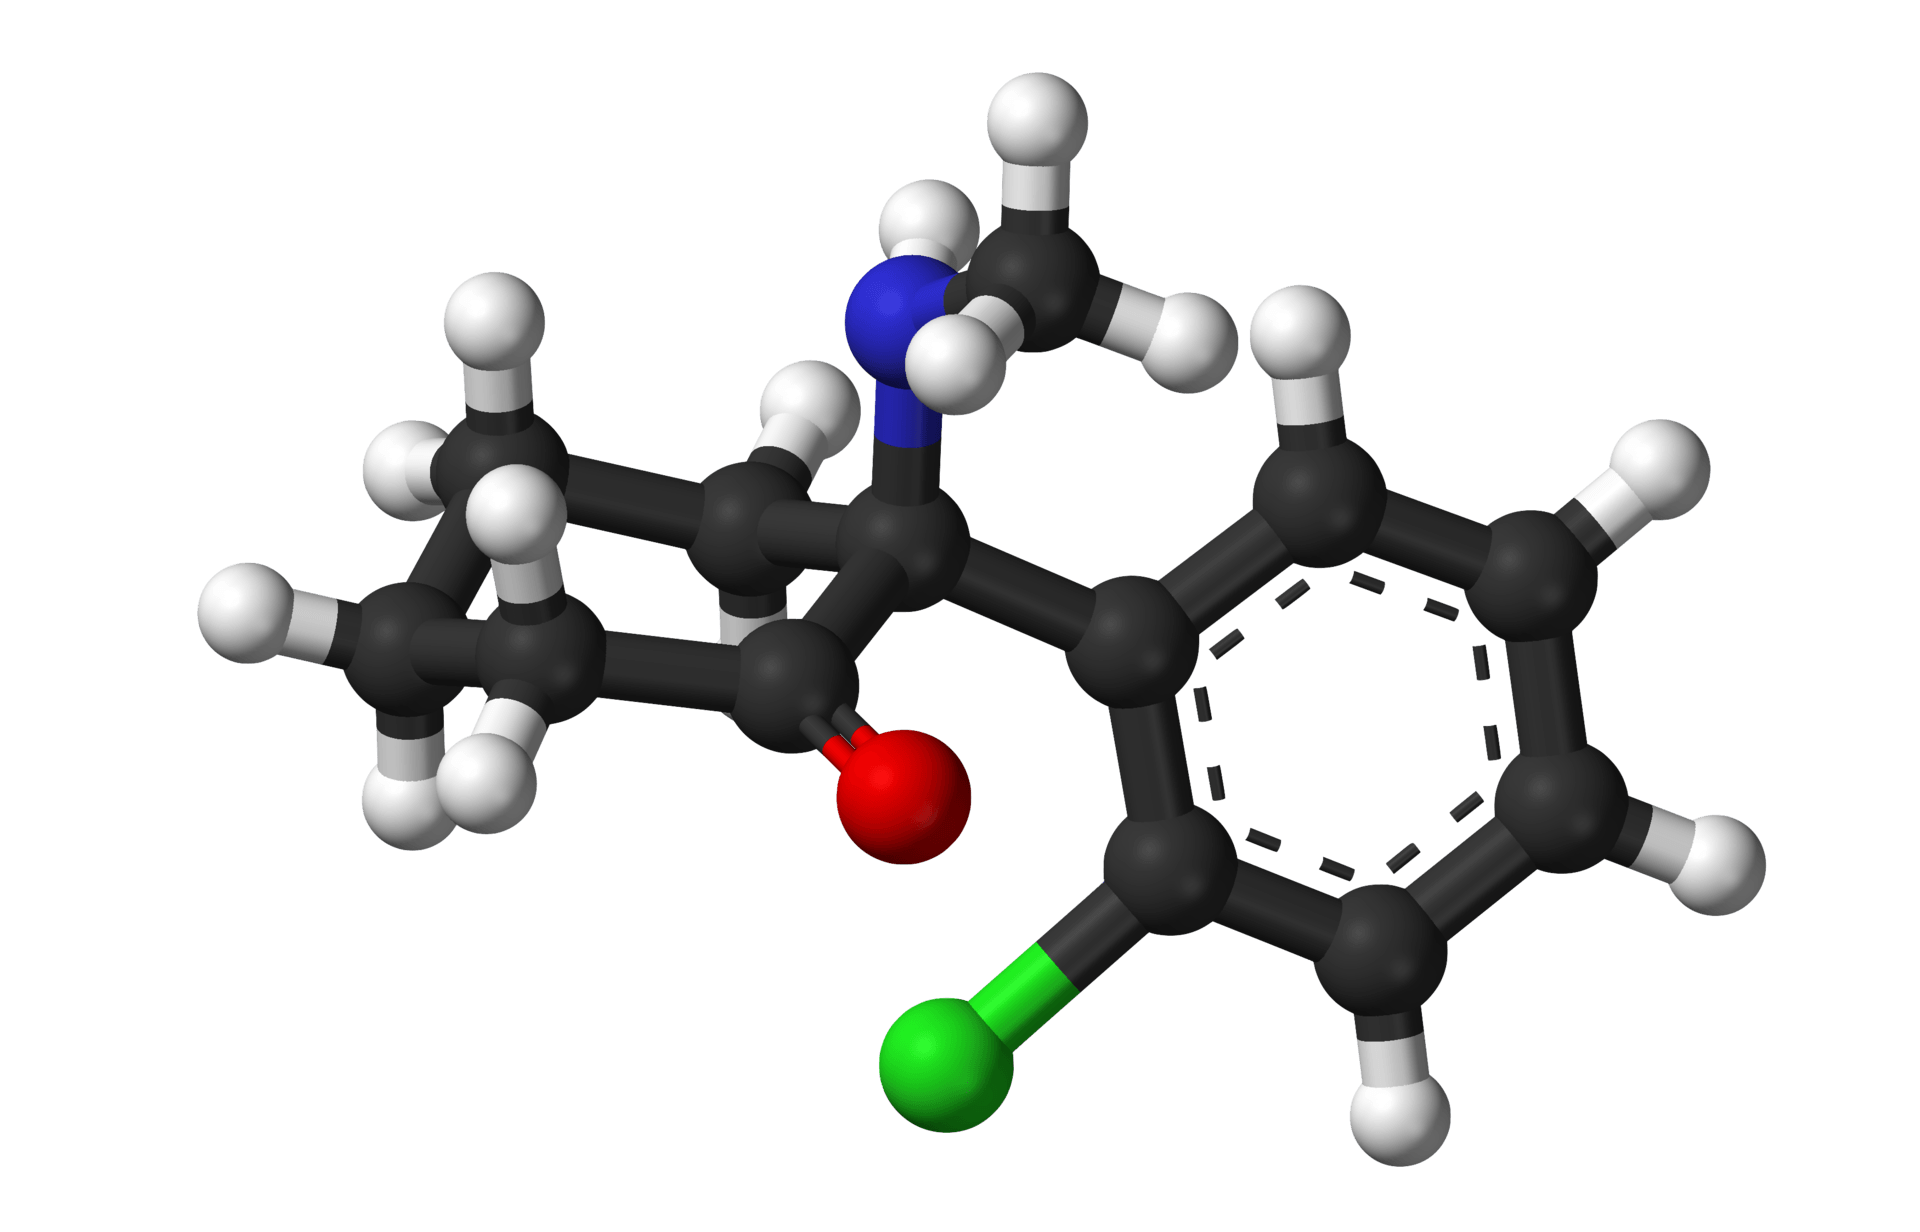 Консультанты FDA порекомендовали одобрить эскетамин в качестве антидепрессанта